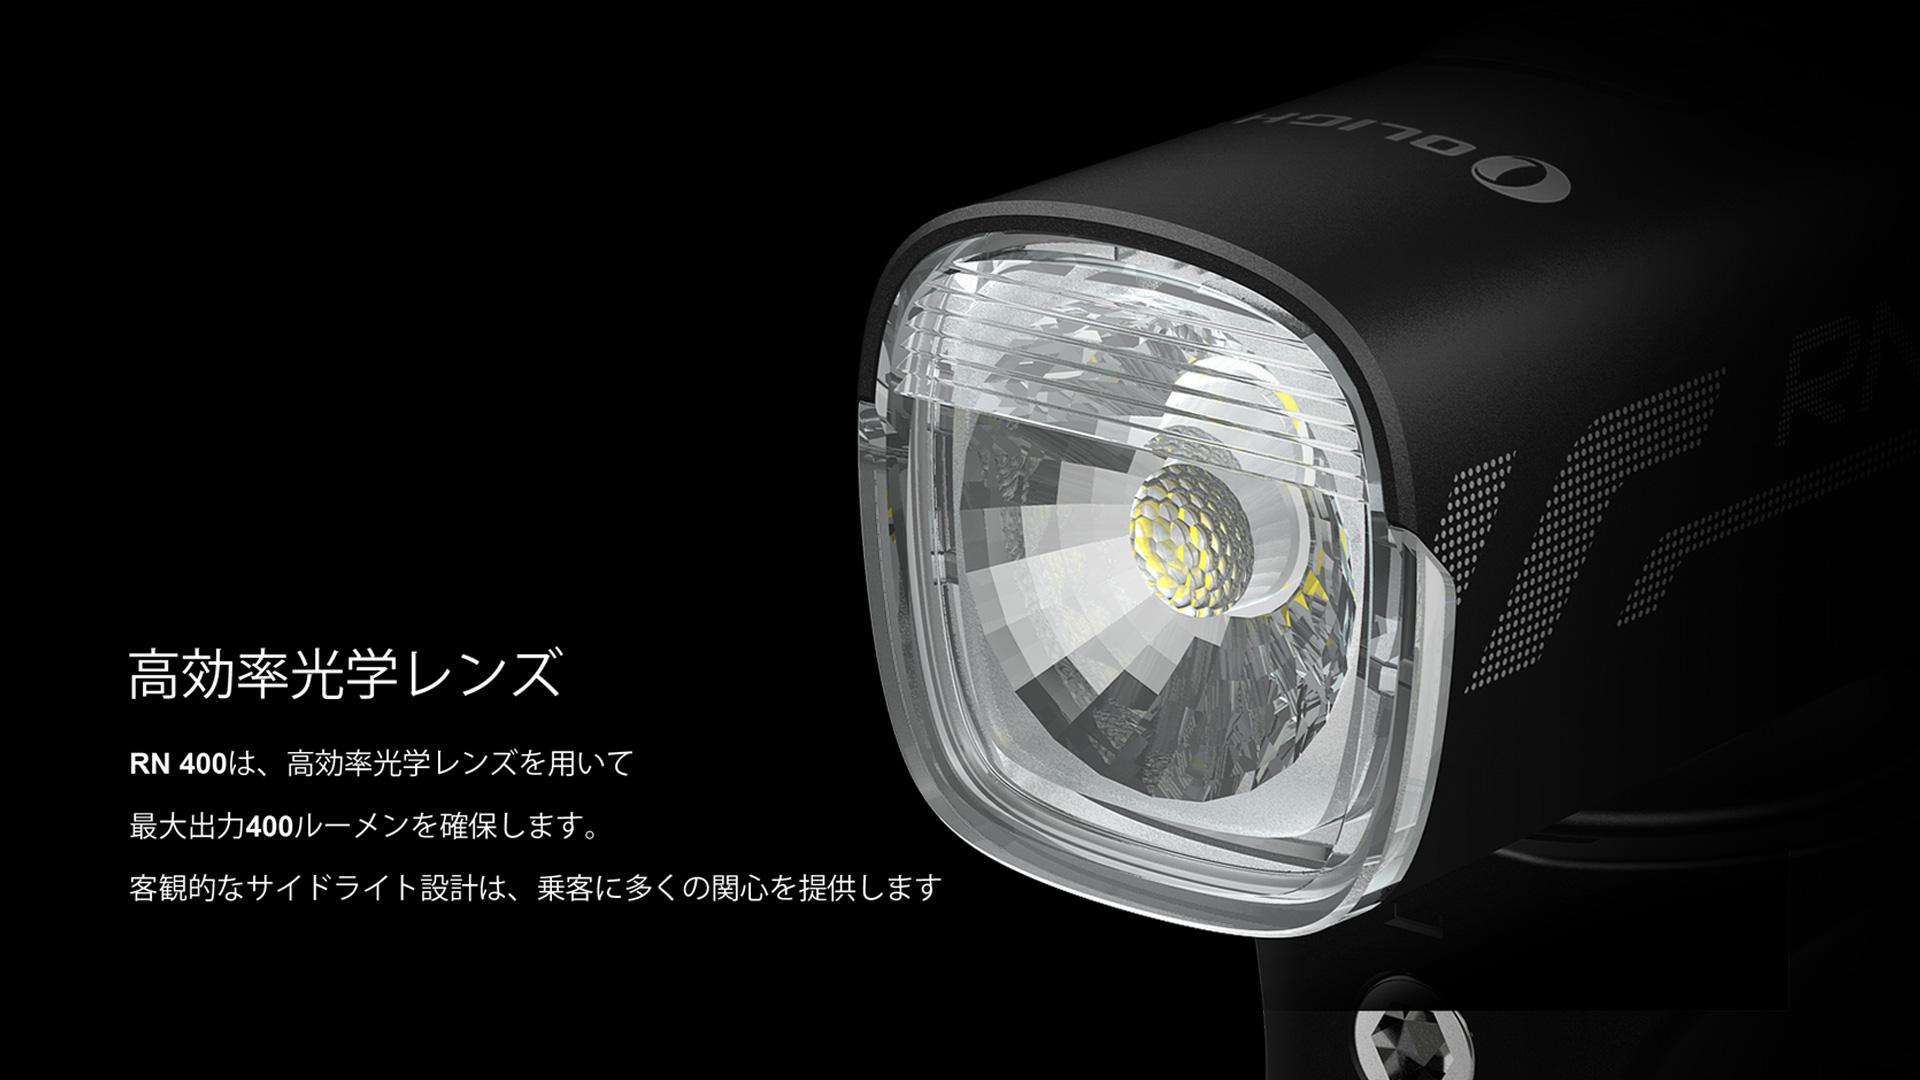 RN400自転車用ライトの最大出力は400ルーメンで、暗闇でのサイクリングに照明を提供します。